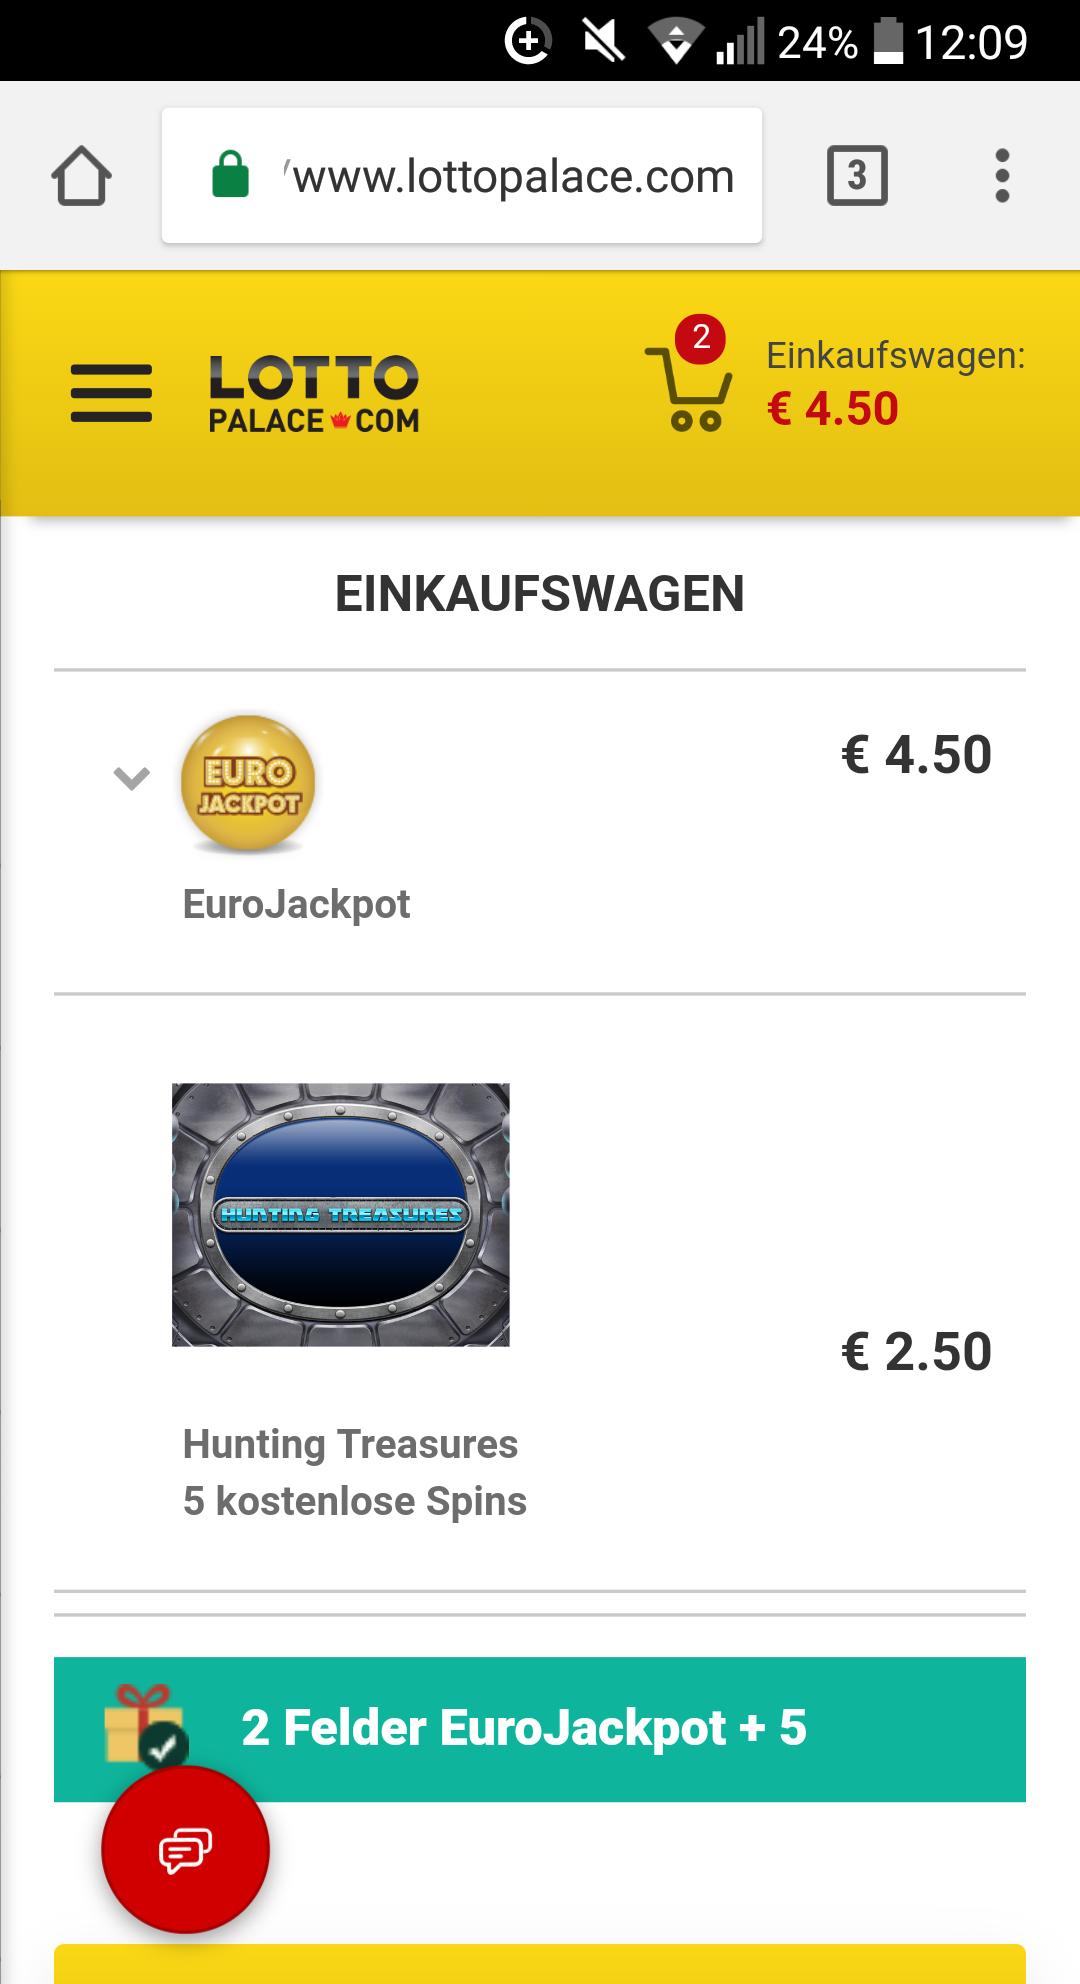 Lottopalace 2 Felder Eurojackpot + 5 Freispiele